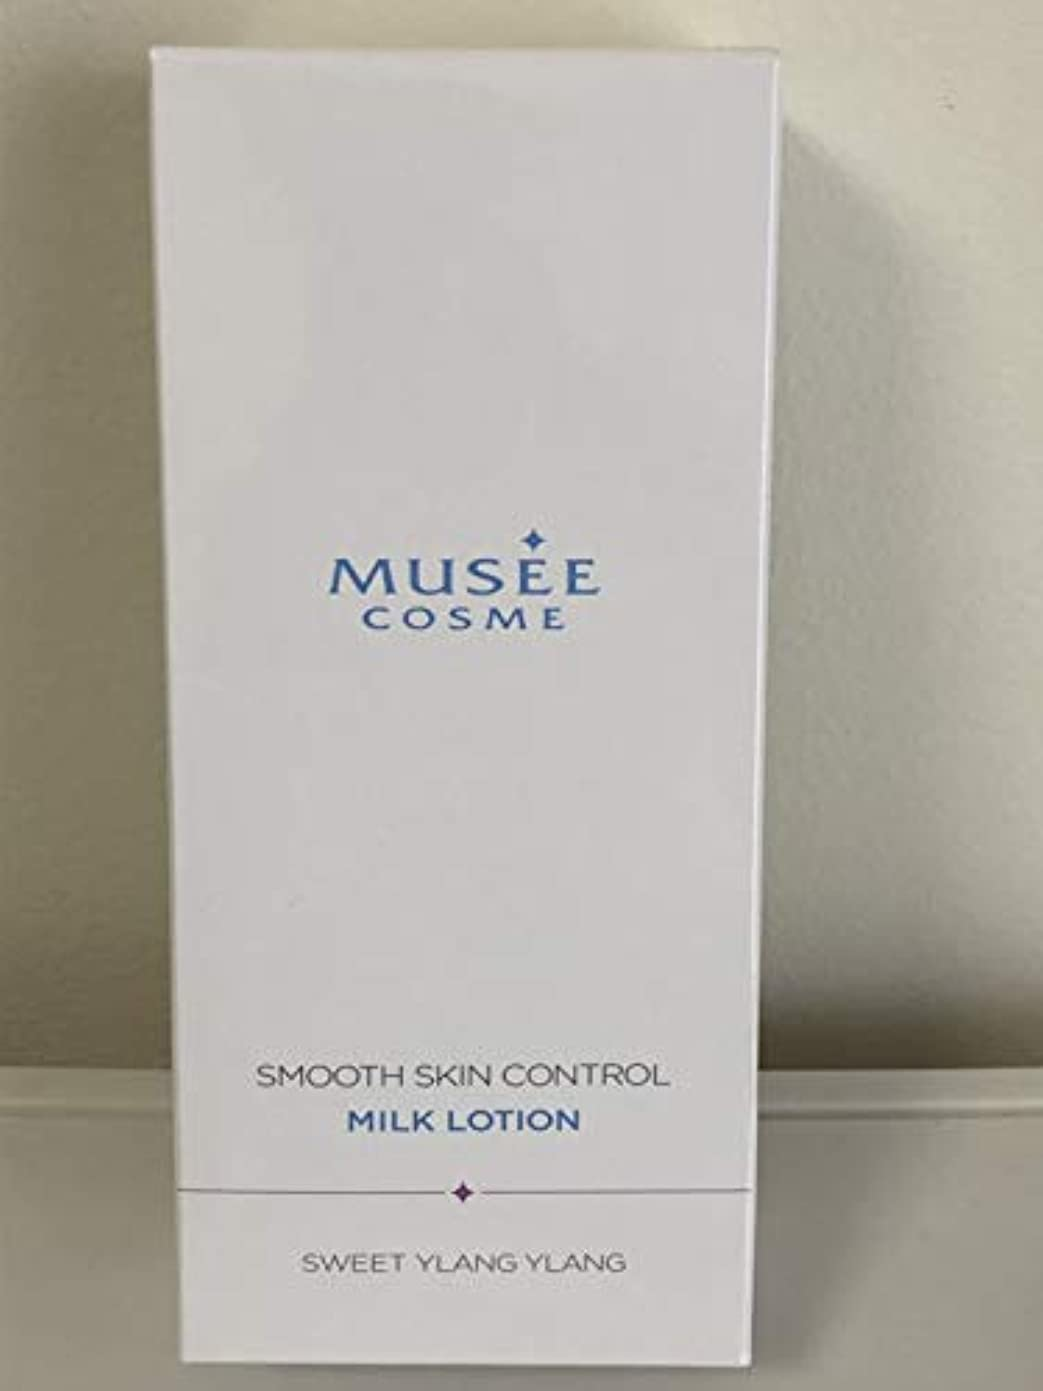 マチュピチュメーターマチュピチュミュゼコスメ 薬用スムーススキンコントロール ミルクローション 300mL スイートイランイランの香り